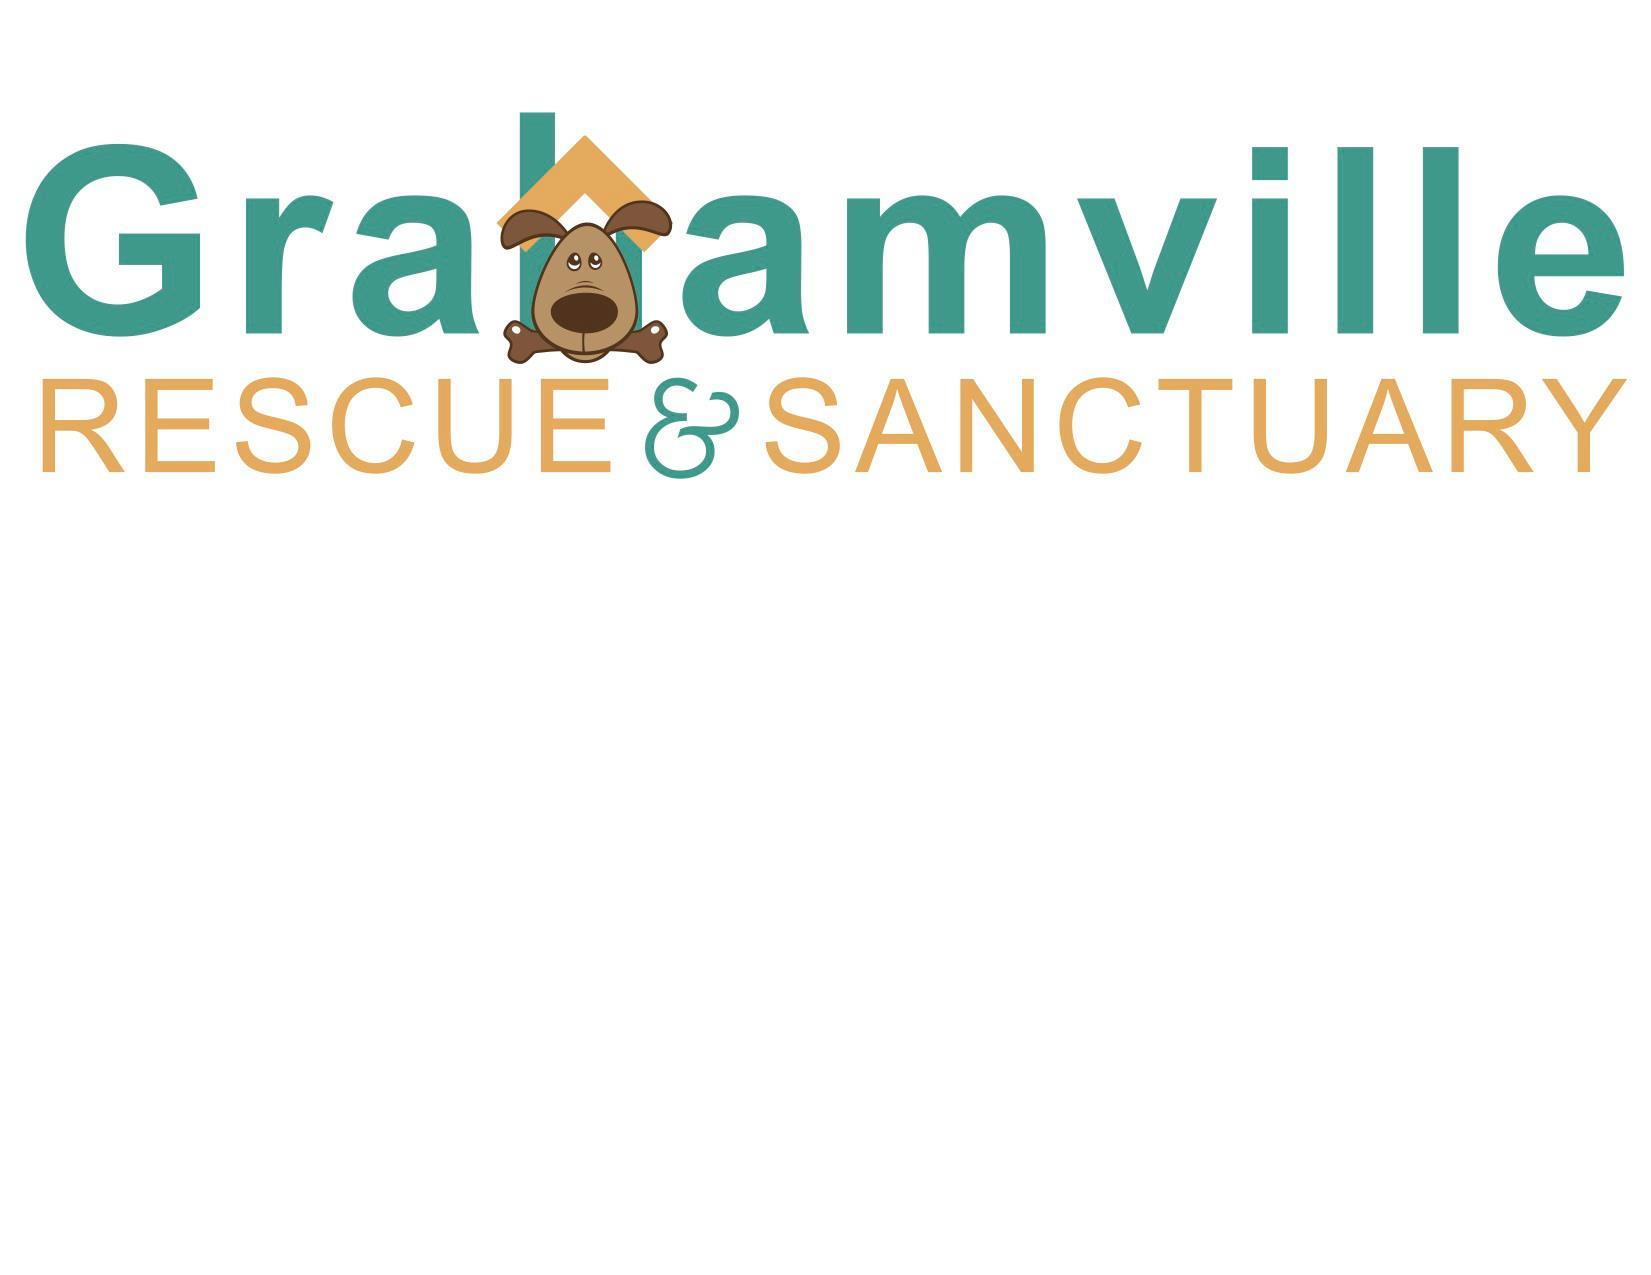 Grahamville Rescue & Sanctuary